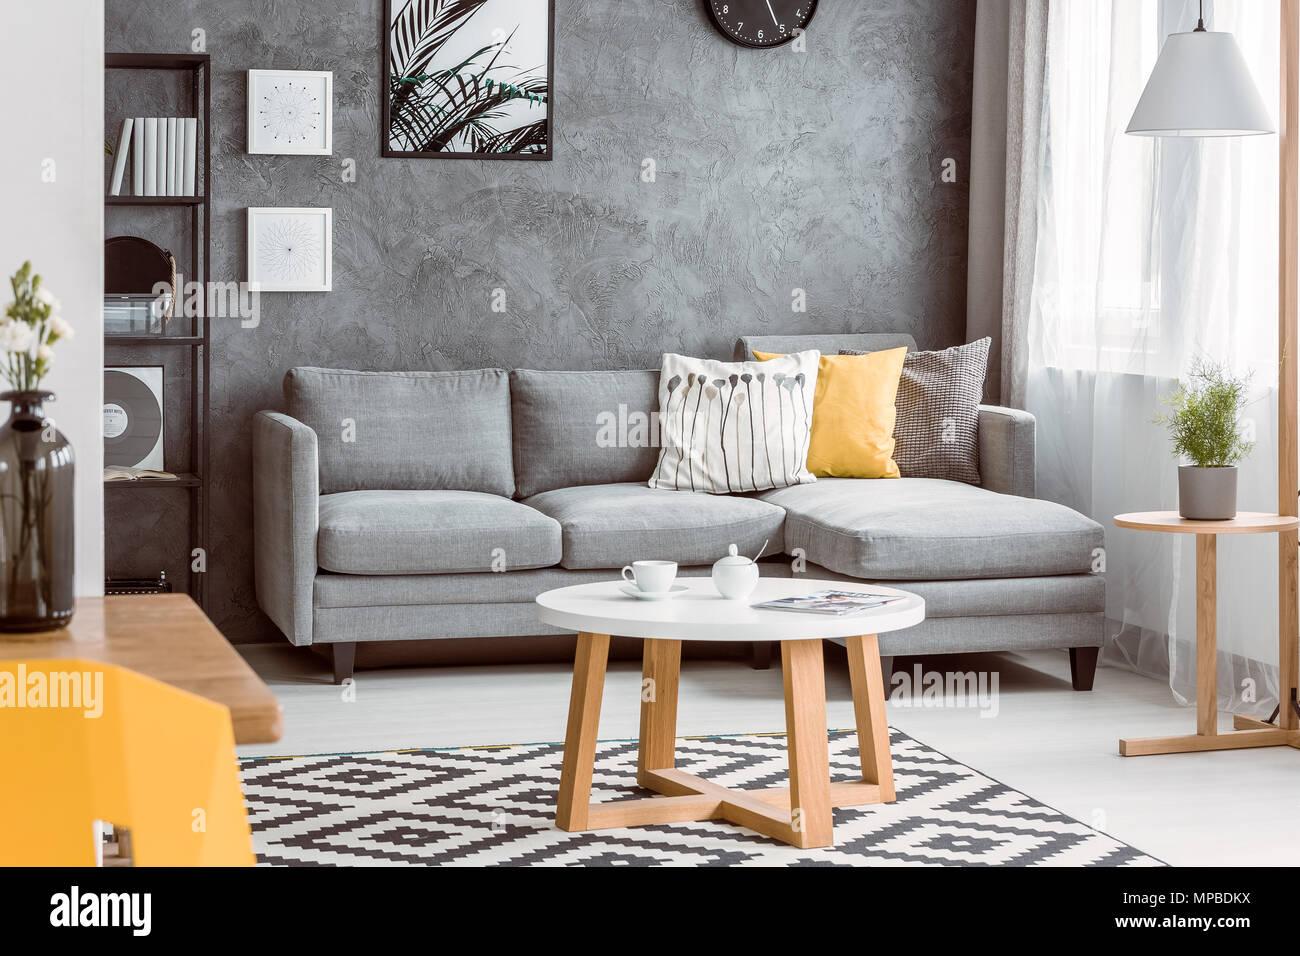 Holz Couchtisch Auf Schwarzen Und Weissen Teppich Im Wohnzimmer Mit